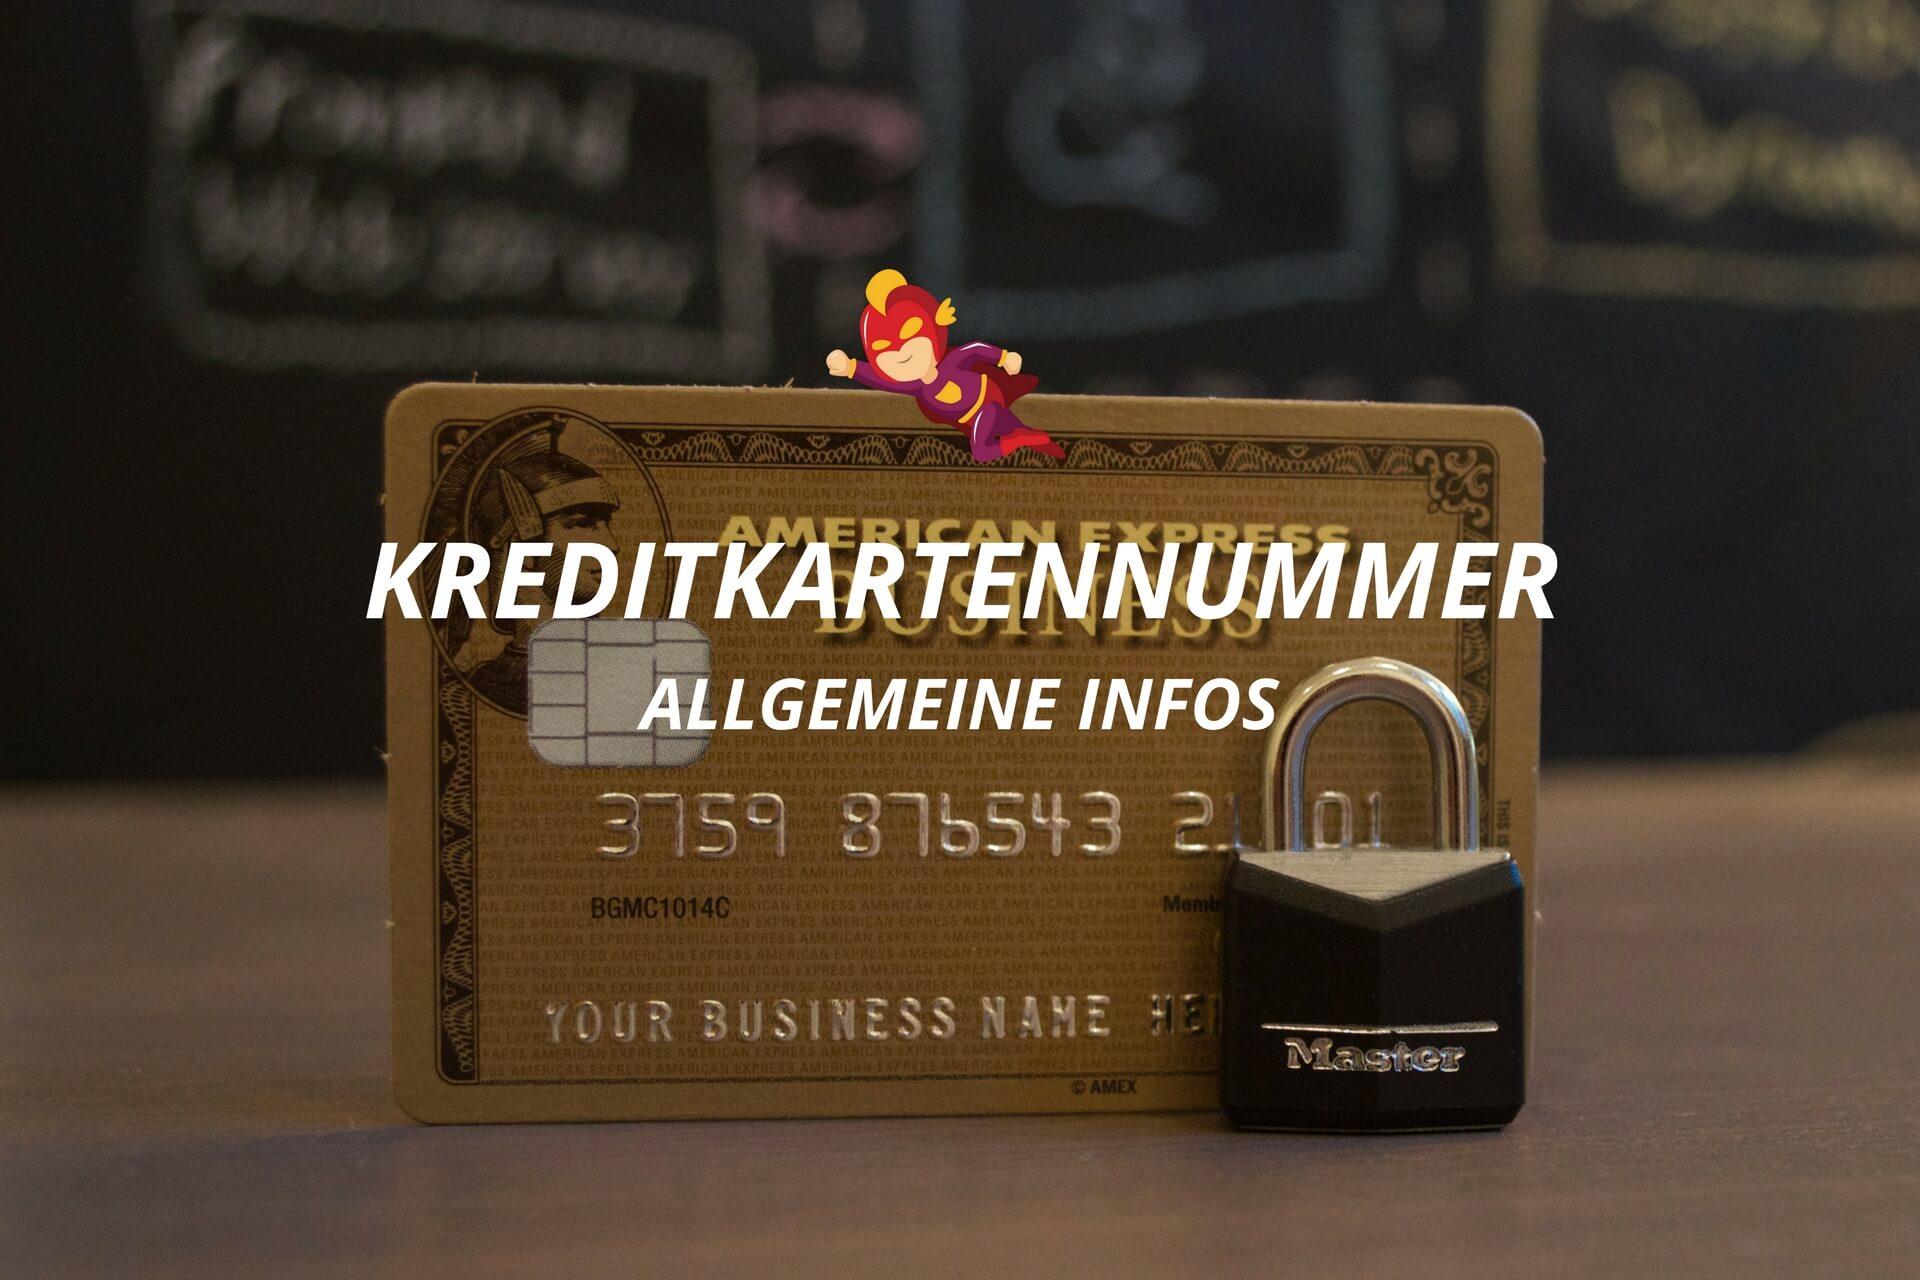 Kartennummer Volksbank Debit.Wo Steht Die Kartennummer Auf Einer Kreditkarte